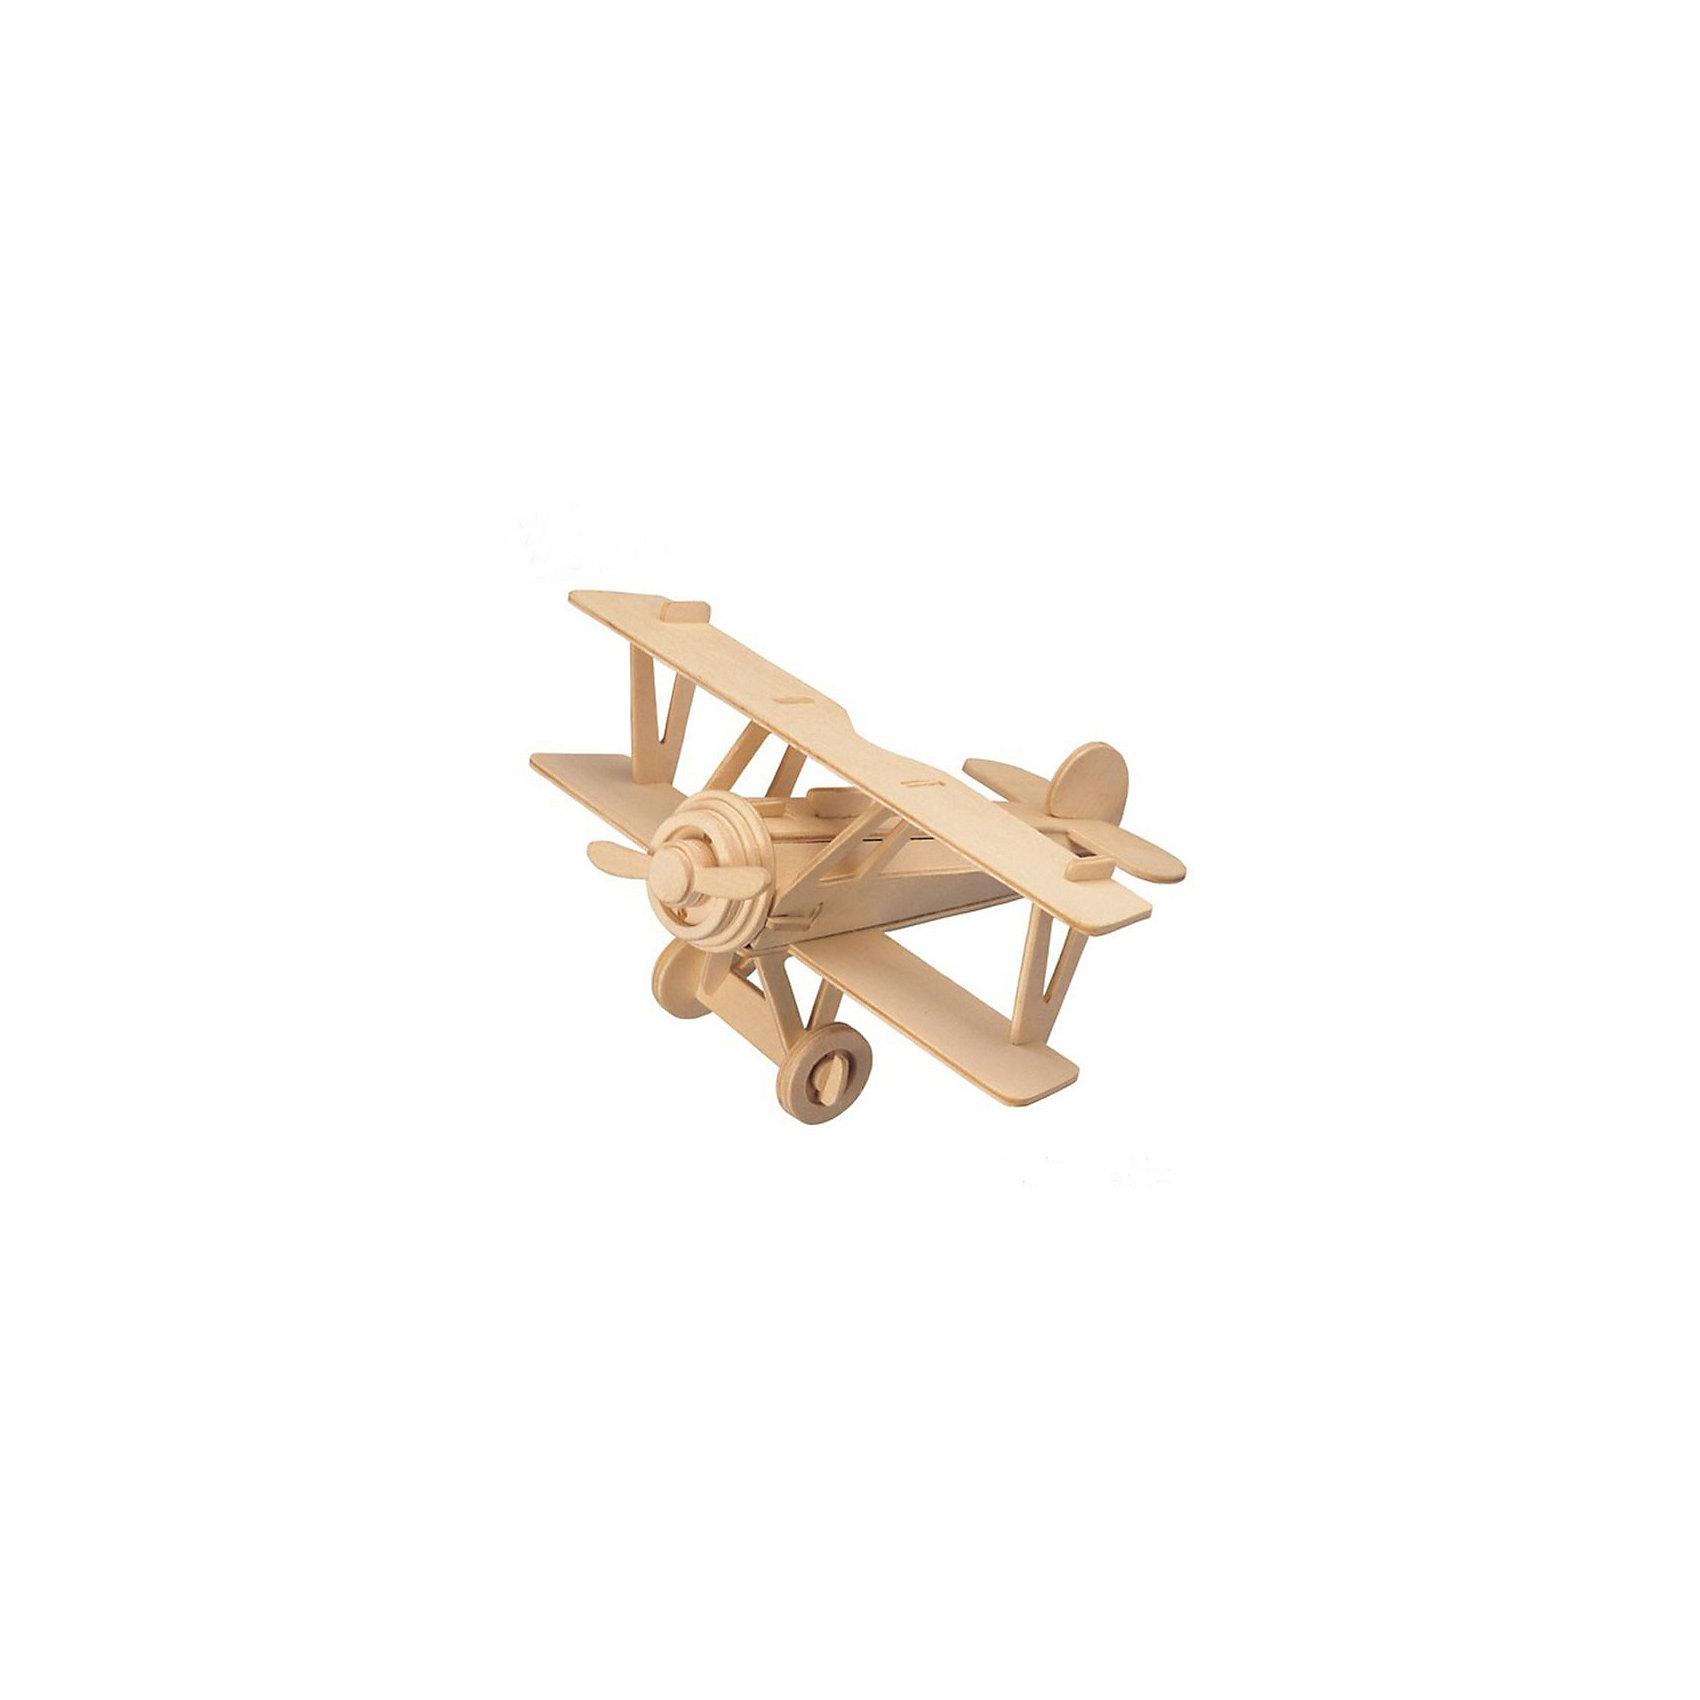 Самолет Ньюпорт 17, Мир деревянных игрушекОтличный вариант подарка для любящего технику творческого ребенка - этот набор, из которого можно самому сделать красивую деревянную фигуру! Для этого нужно выдавить из пластины с деталями элементы для сборки и соединить их. Из наборов получаются красивые очень реалистичные игрушки, которые могут стать украшением комнаты.<br>Собирая их, ребенок будет развивать пространственное мышление, память и мелкую моторику. А раскрашивая готовое произведение, дети научатся подбирать цвета и будут развивать художественные навыки. Этот набор произведен из качественных и безопасных для детей материалов - дерево тщательно обработано.<br><br>Дополнительная информация:<br><br>материал: дерево;<br>цвет: бежевый;<br>элементы: пластины с деталями для сборки, схема сборки;<br>размер упаковки: 23 х 18 см.<br><br>3D-пазл Самолет Ньюпорт 17 от бренда Мир деревянных игрушек можно купить в нашем магазине.<br><br>Ширина мм: 225<br>Глубина мм: 30<br>Высота мм: 180<br>Вес г: 9999<br>Возраст от месяцев: 36<br>Возраст до месяцев: 144<br>Пол: Мужской<br>Возраст: Детский<br>SKU: 4969147